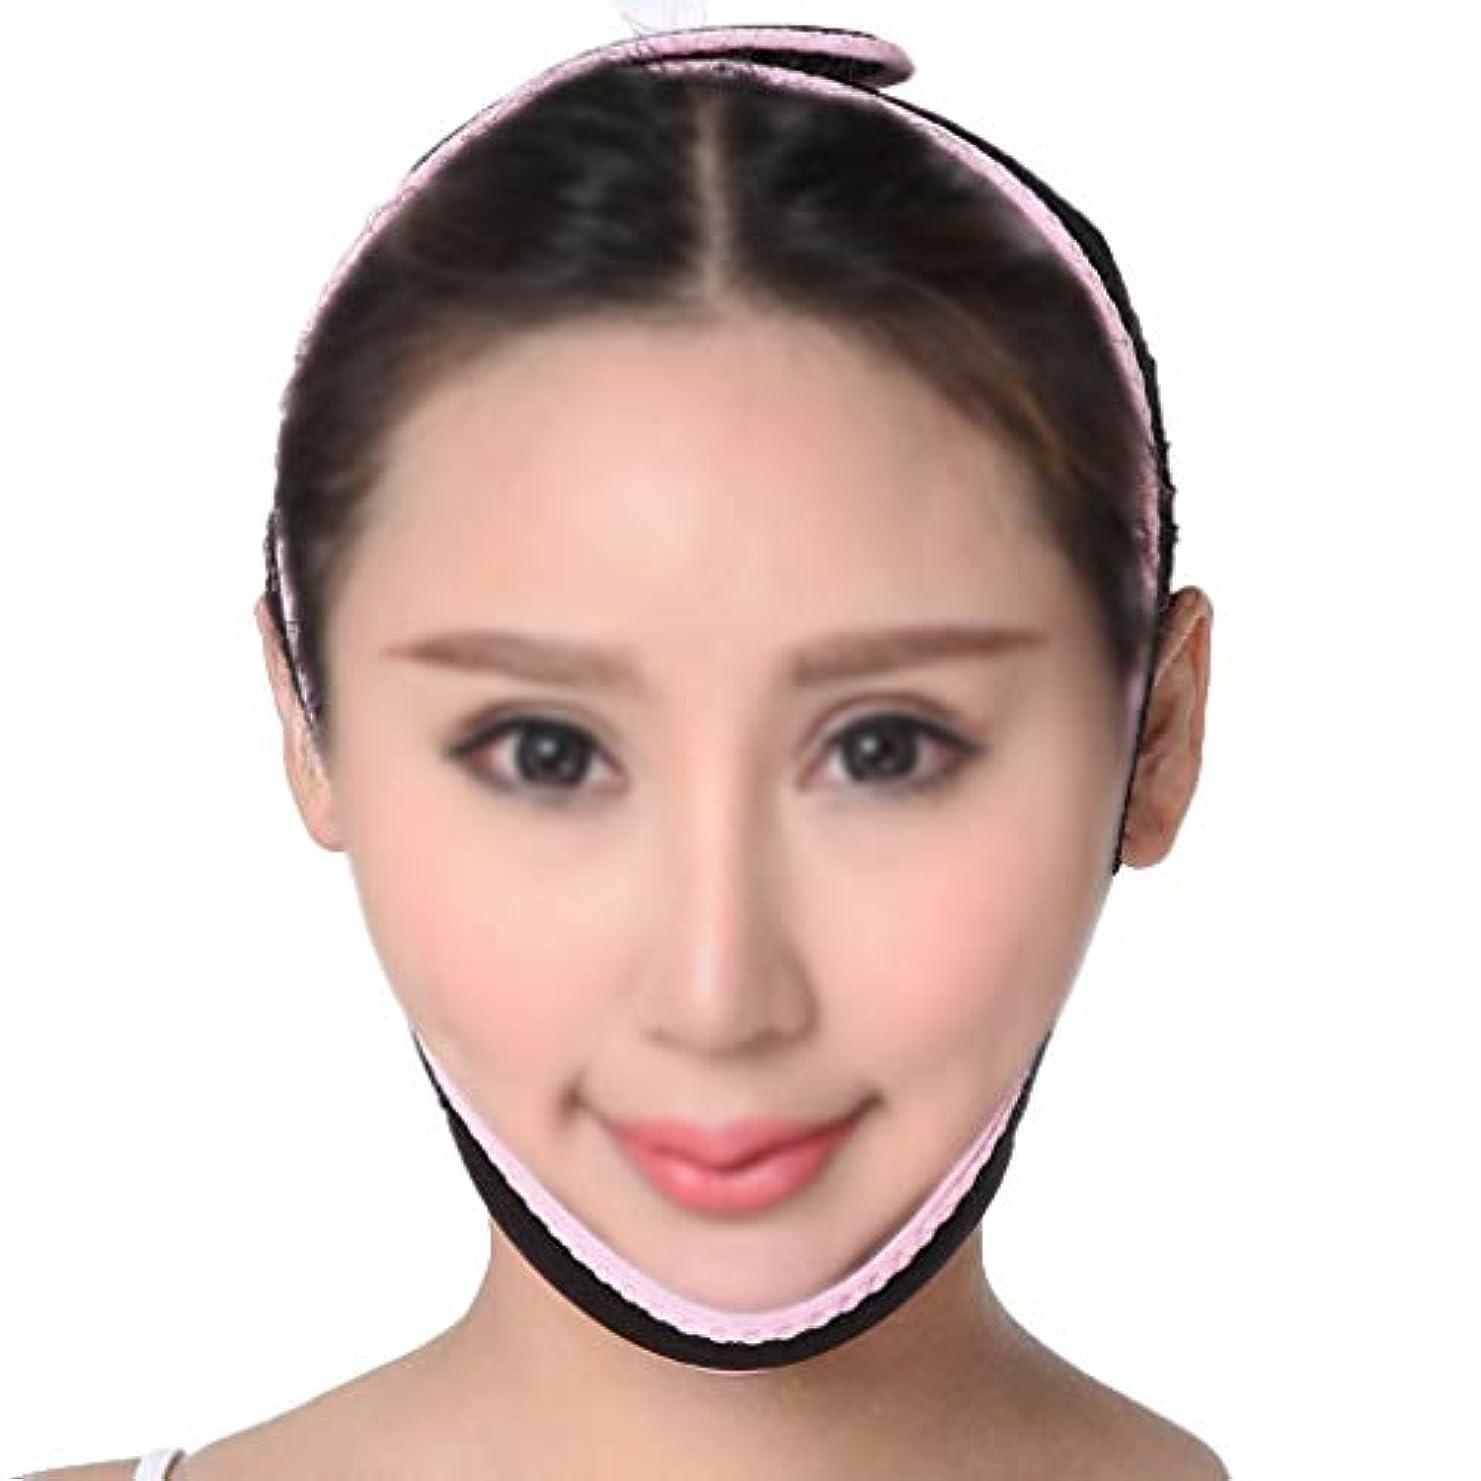 支援する憲法娘GLJJQMY 引き締めマスク薄い顔面マスクフェイスリフティング器具V顔薄い顔面包帯薄い顔マッサージ器薄い顔面マスクフェイスリフティング装置 顔用整形マスク